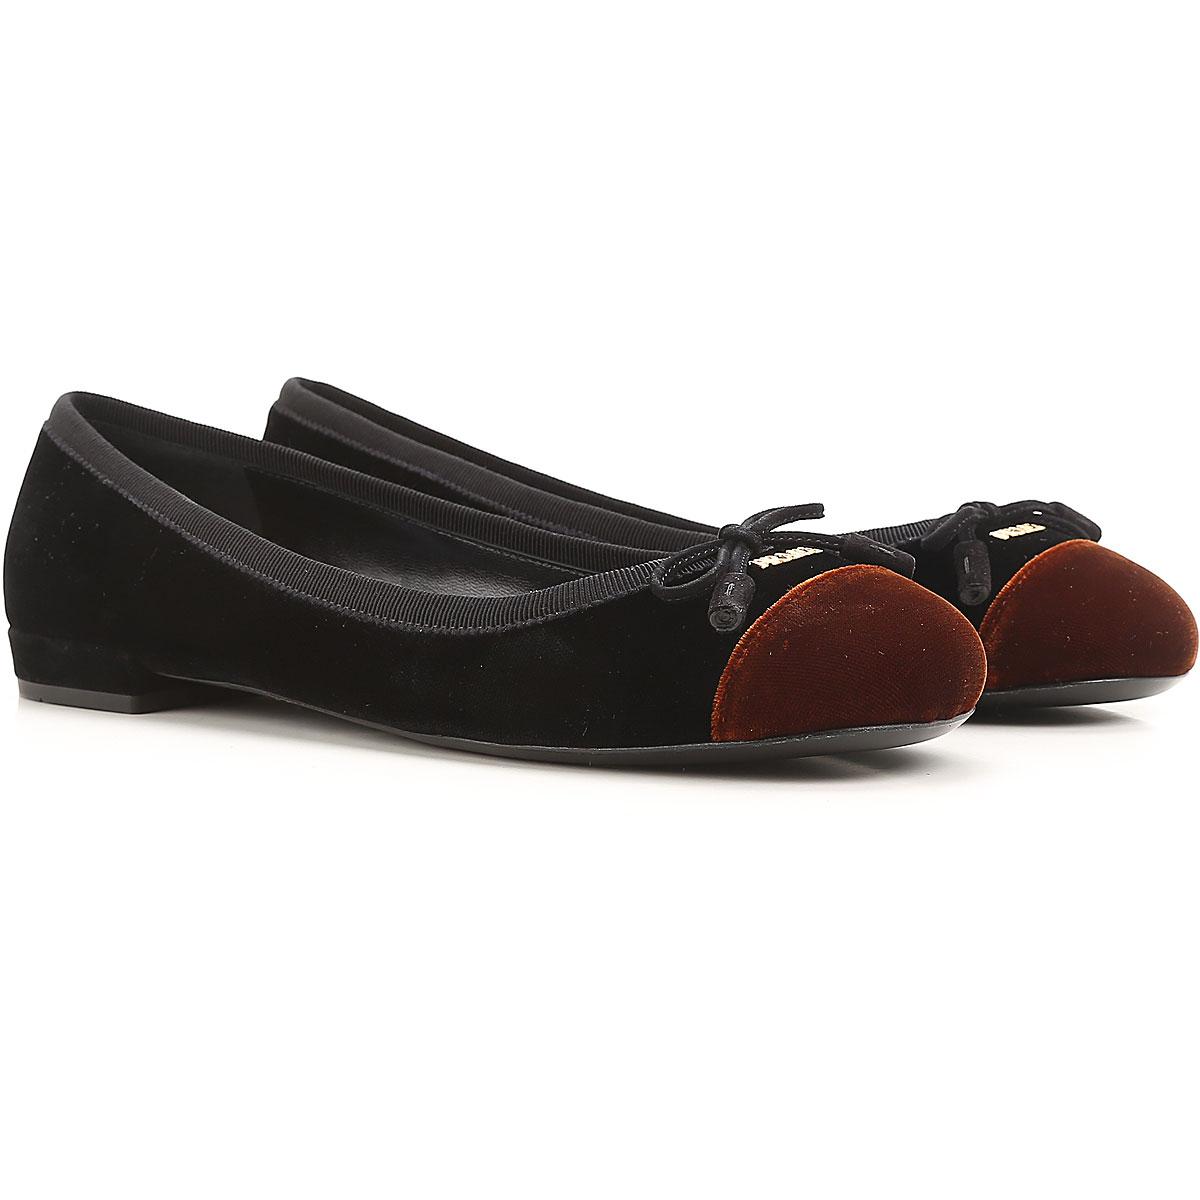 Image of Prada Ballet Flats Ballerina Shoes for Women On Sale, Black, Velvet, 2017, 7.5 8